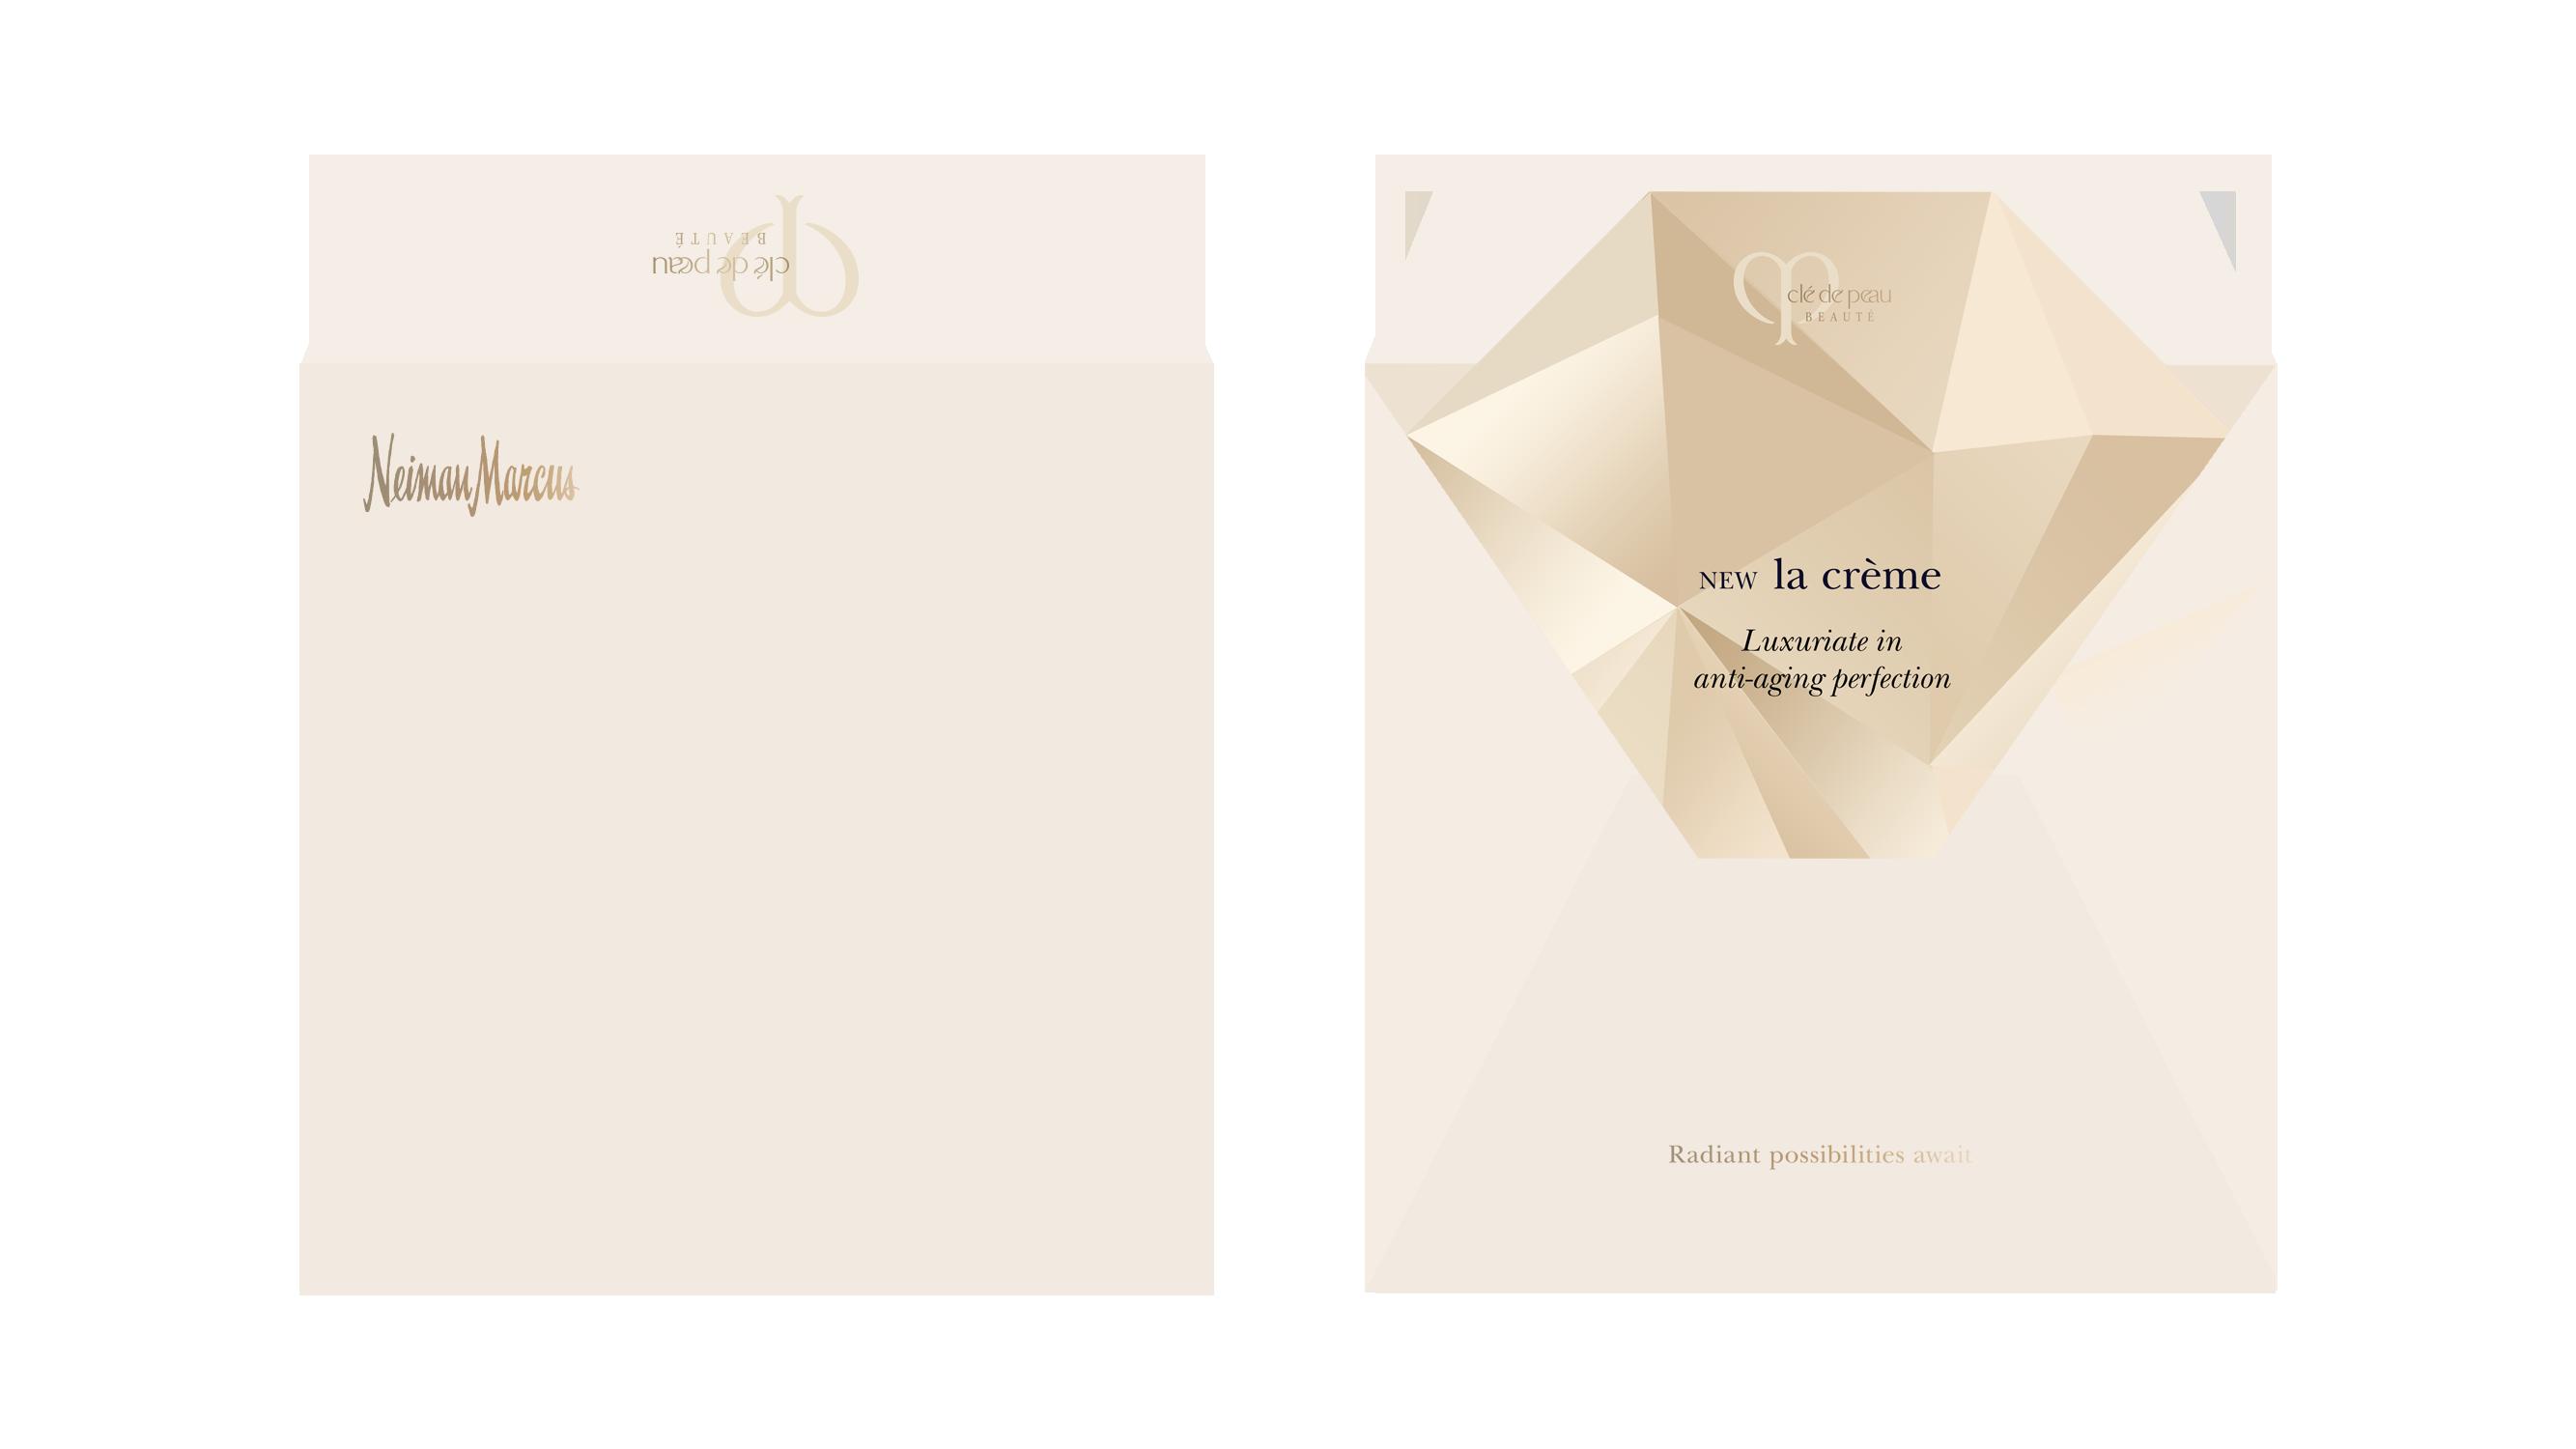 CPB_LaCreme_mailer envelope